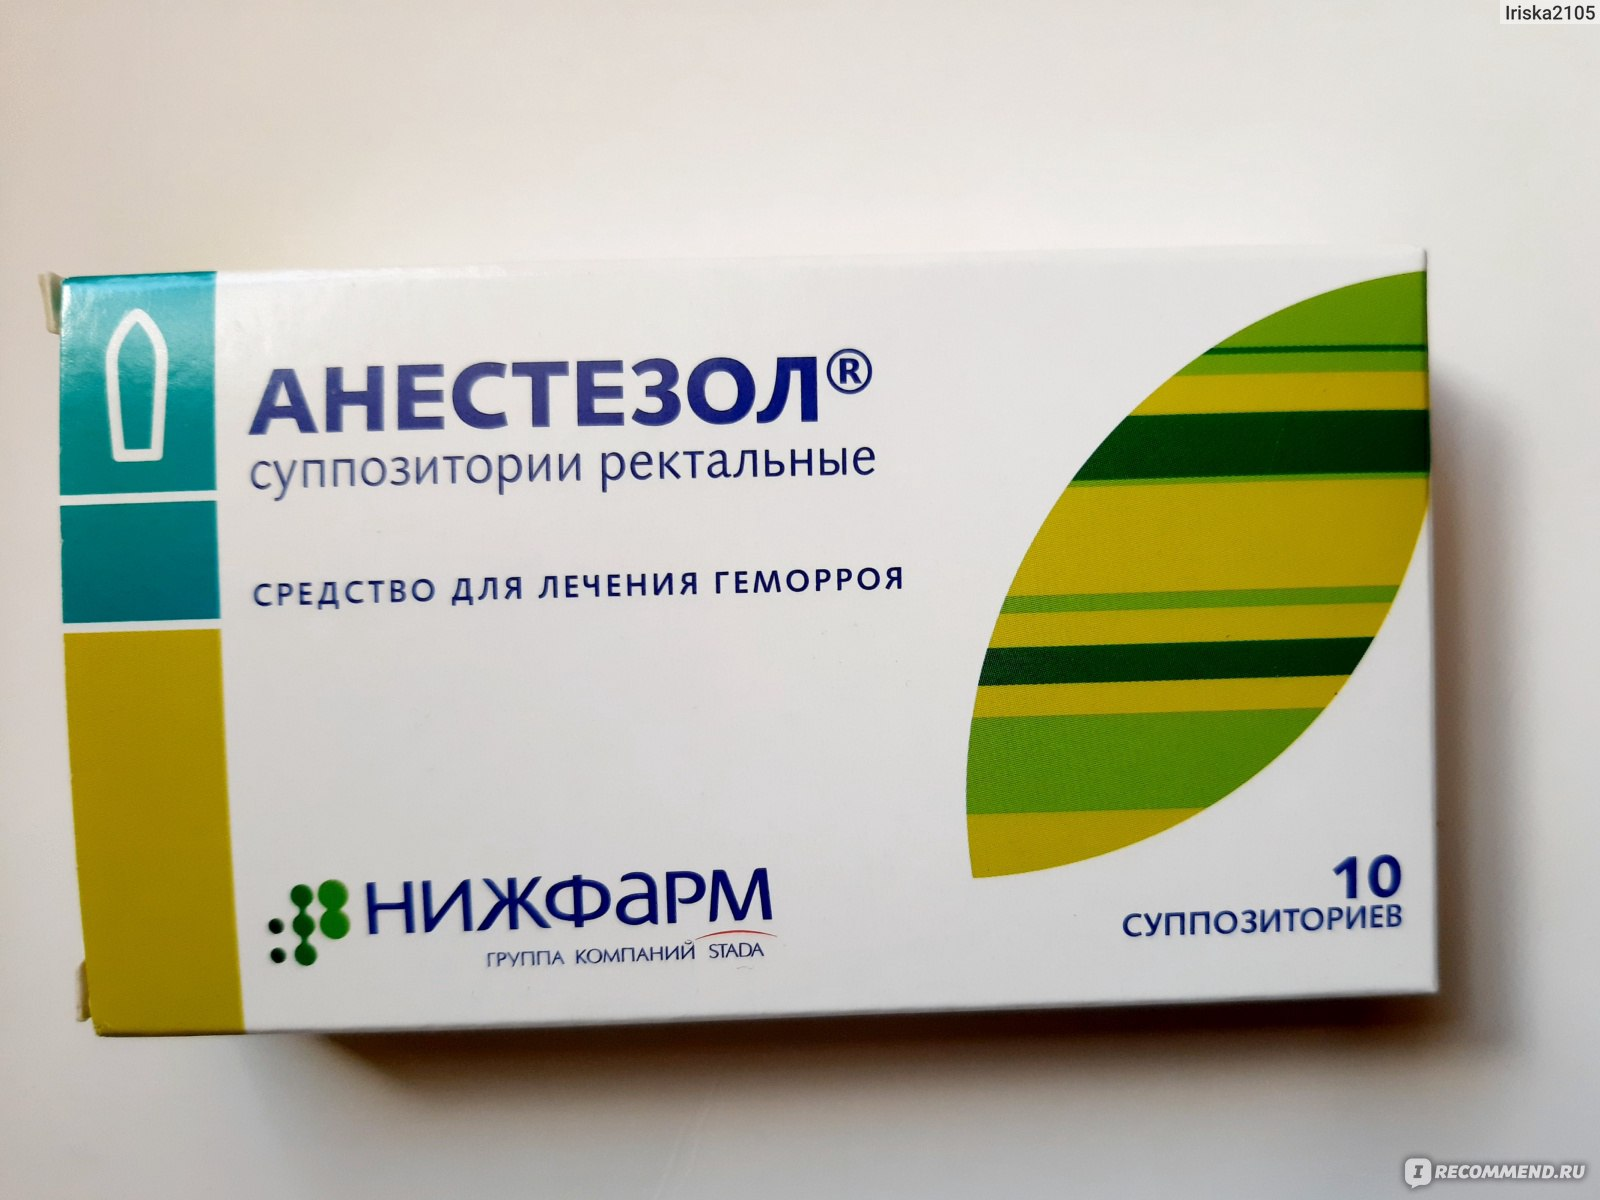 Свечи от простатита анестезол цена цефорал простатит